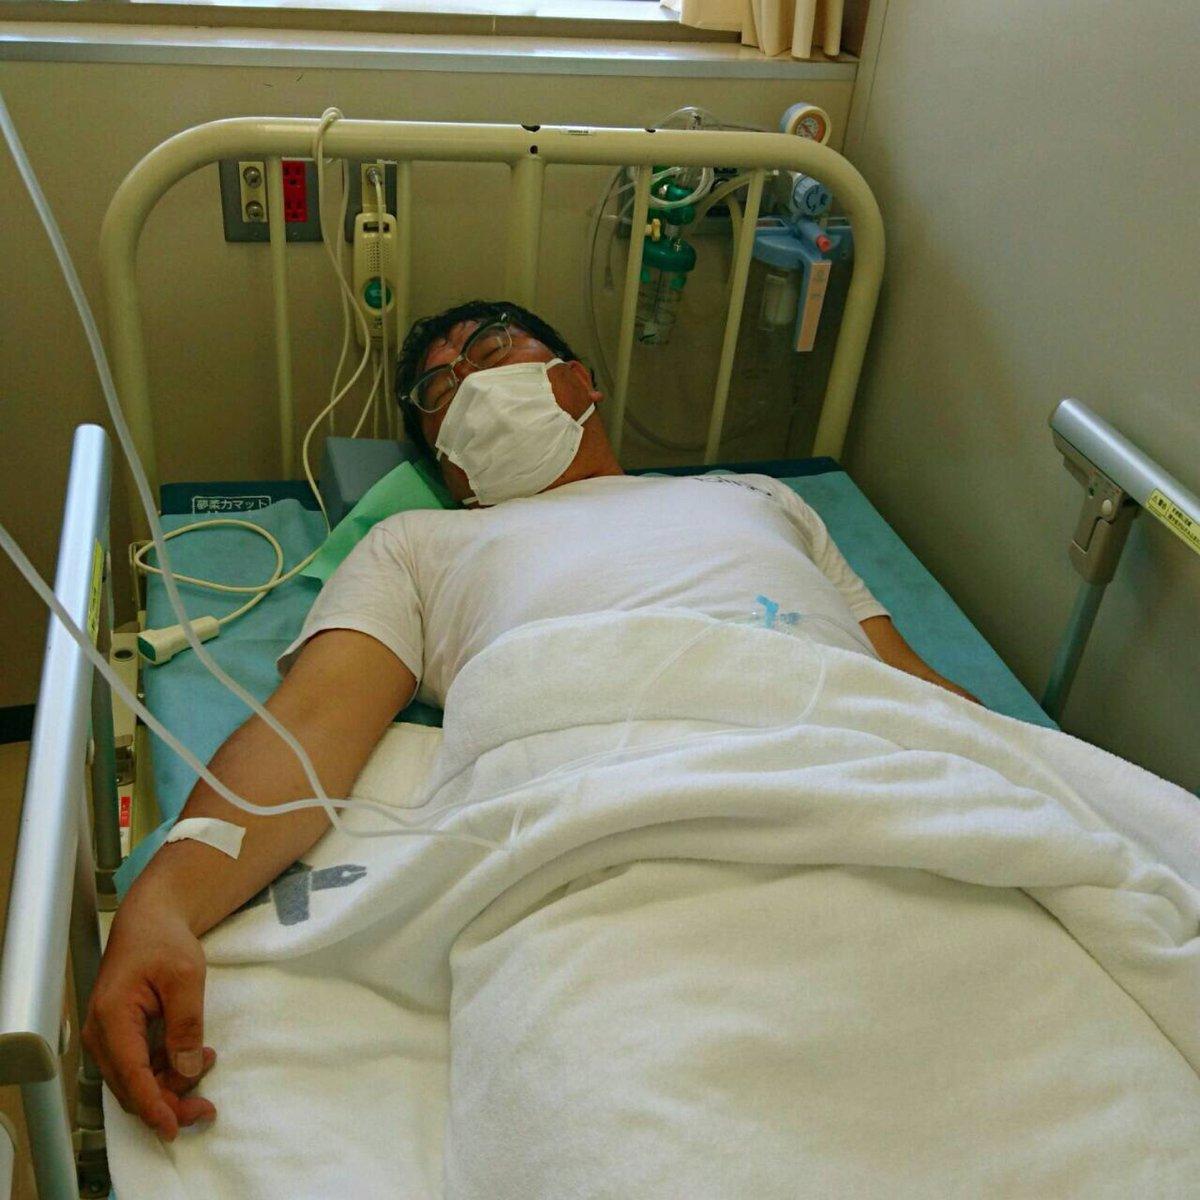 急性喉頭炎と言う病気になり熱が凄いので半日入院してました! まだ熱があるので本日は仕事休みます! 関係者各位どうもすみません! インフルエンザの疑いは全くありませんとの事。良かった。明日から働きます。ではまた寝ます、 https://t.co/tjTKdsHoaR